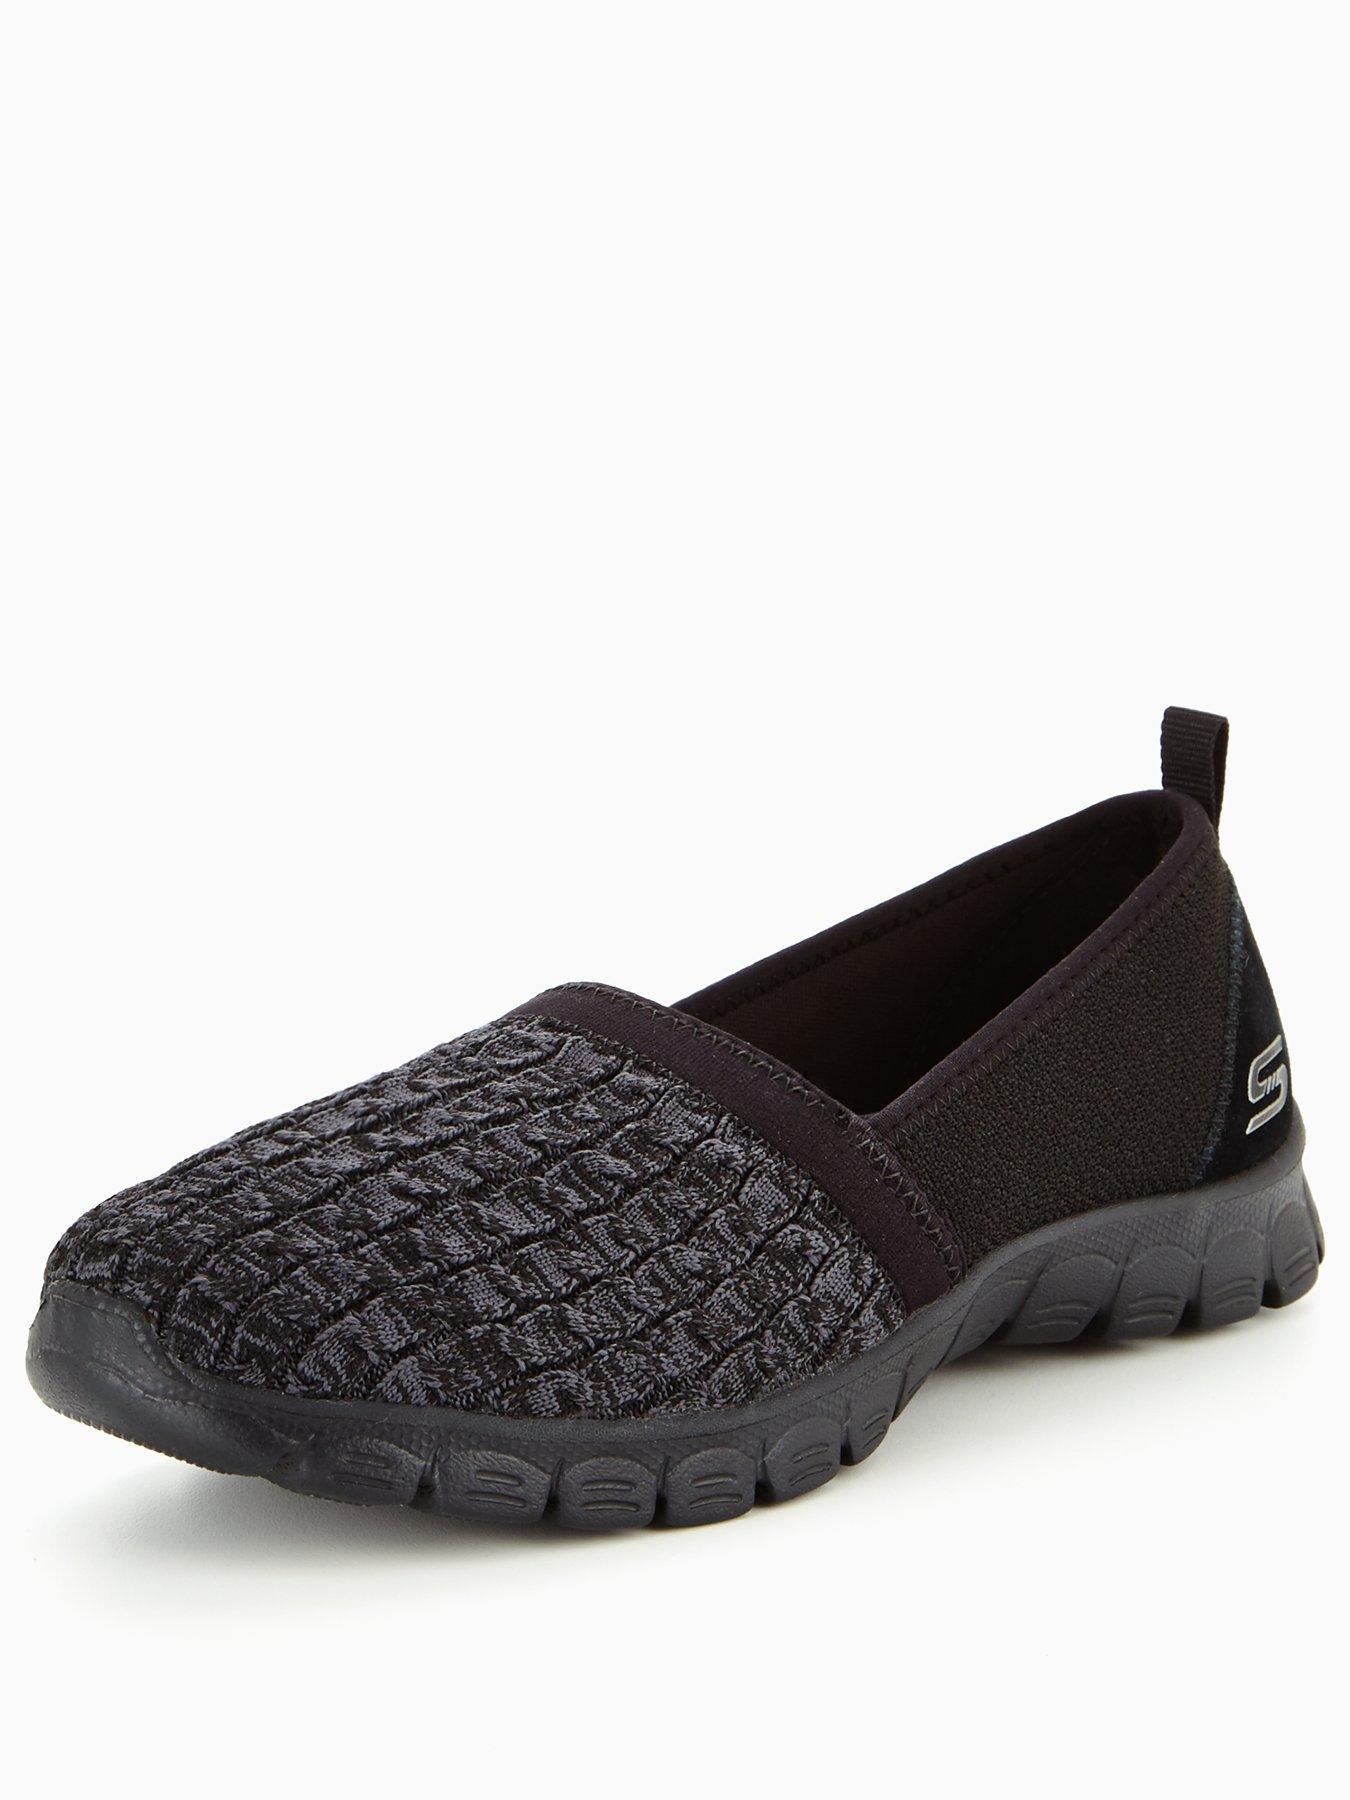 Skechers Ez Flex 3 0 Snugbug Slip On Shoe Black 1600168649 Women's Shoes Skechers Trainers